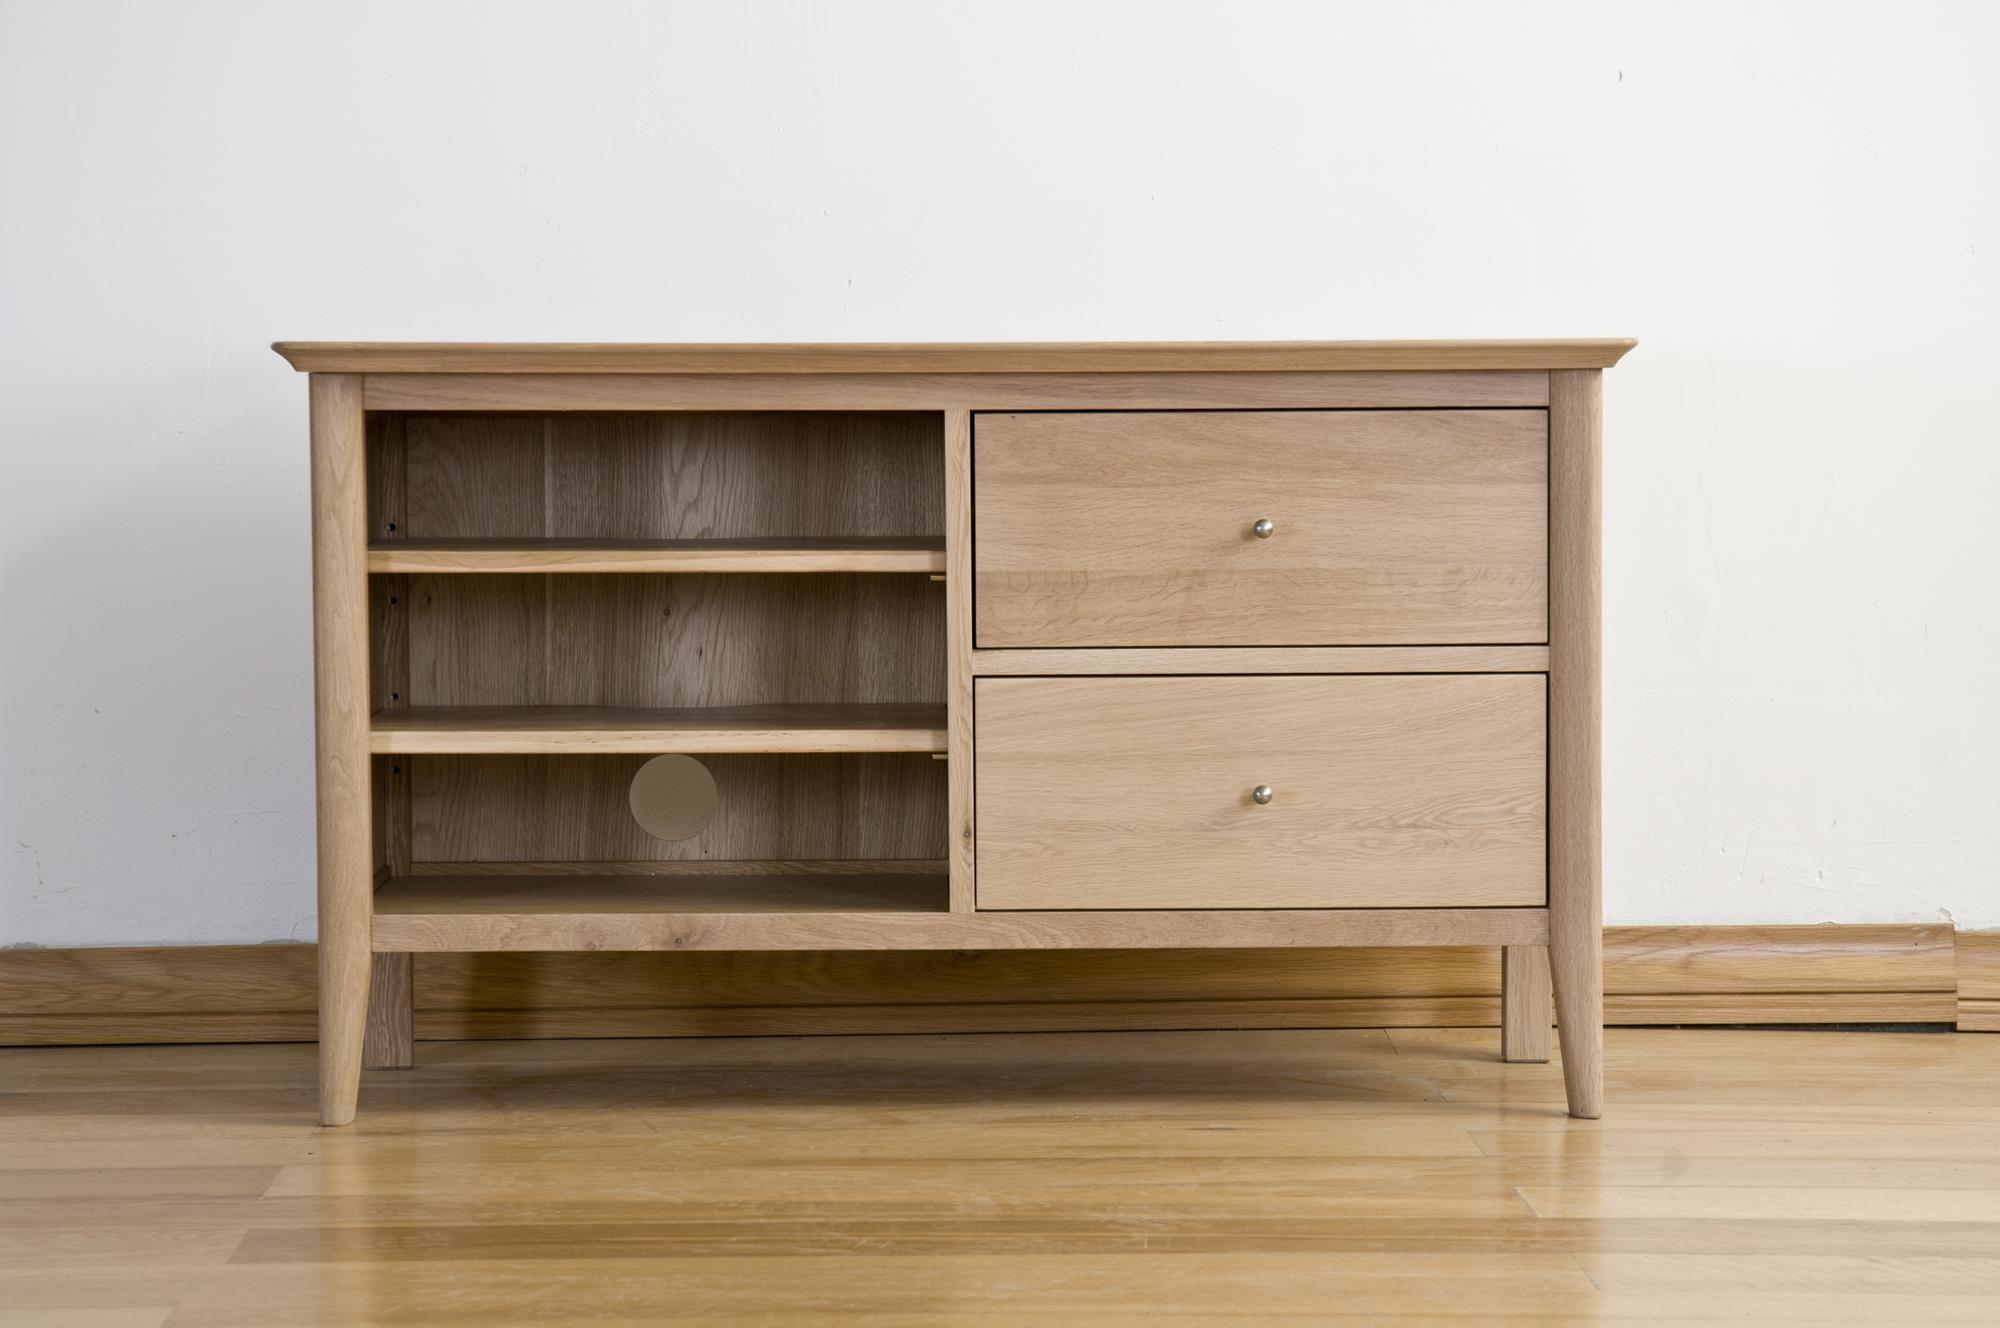 Sorrento Solid Oak 2 Drawer Standard TV Cabinet